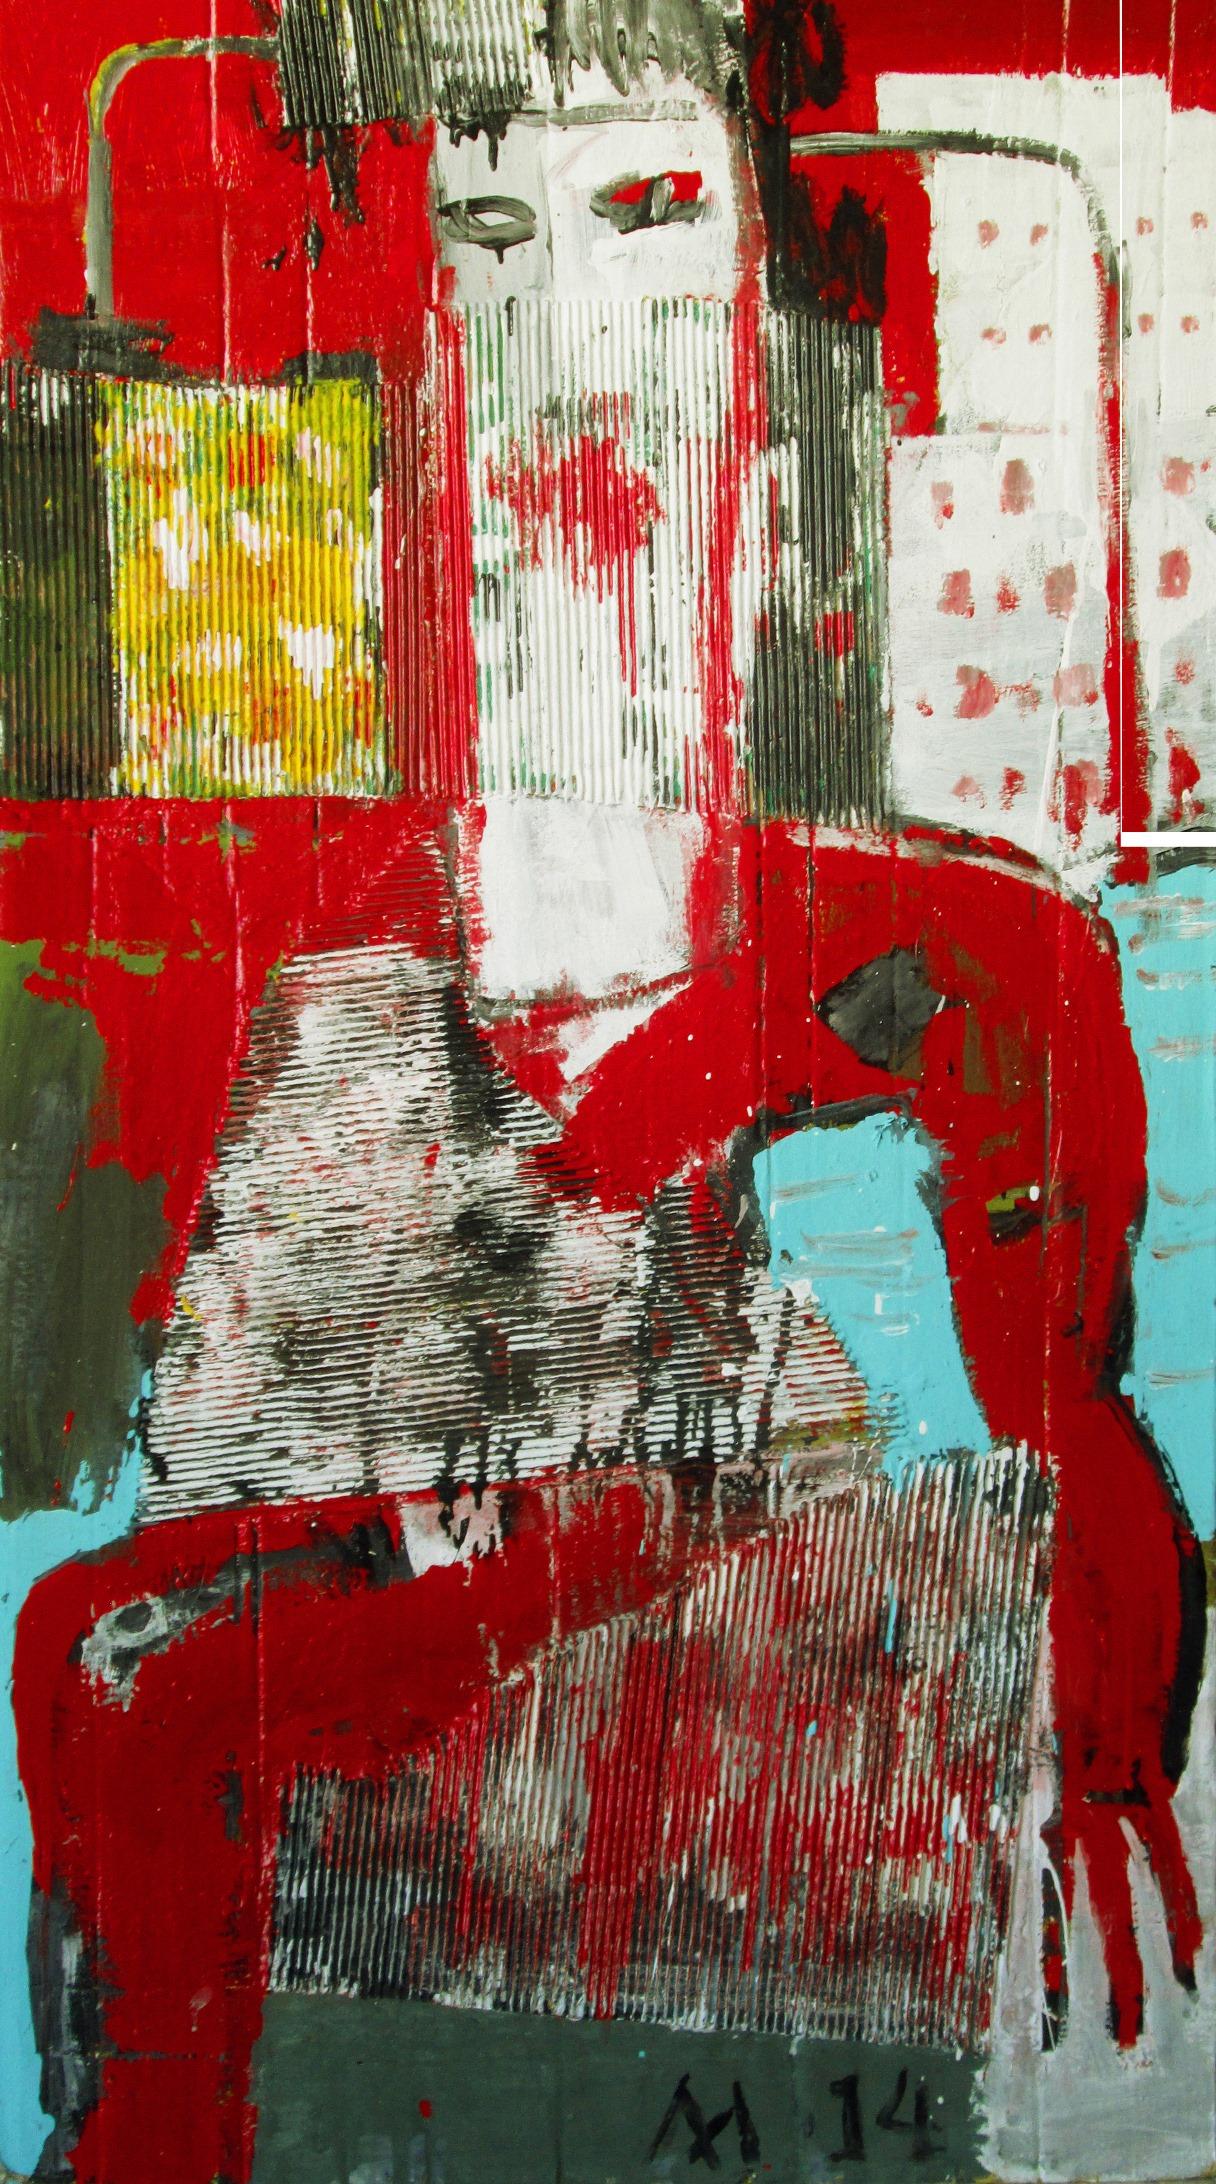 литвинов Город солнца, 2014 г., гофракартон, клей, эмаль, акрил на картоне, 140х77.jpg